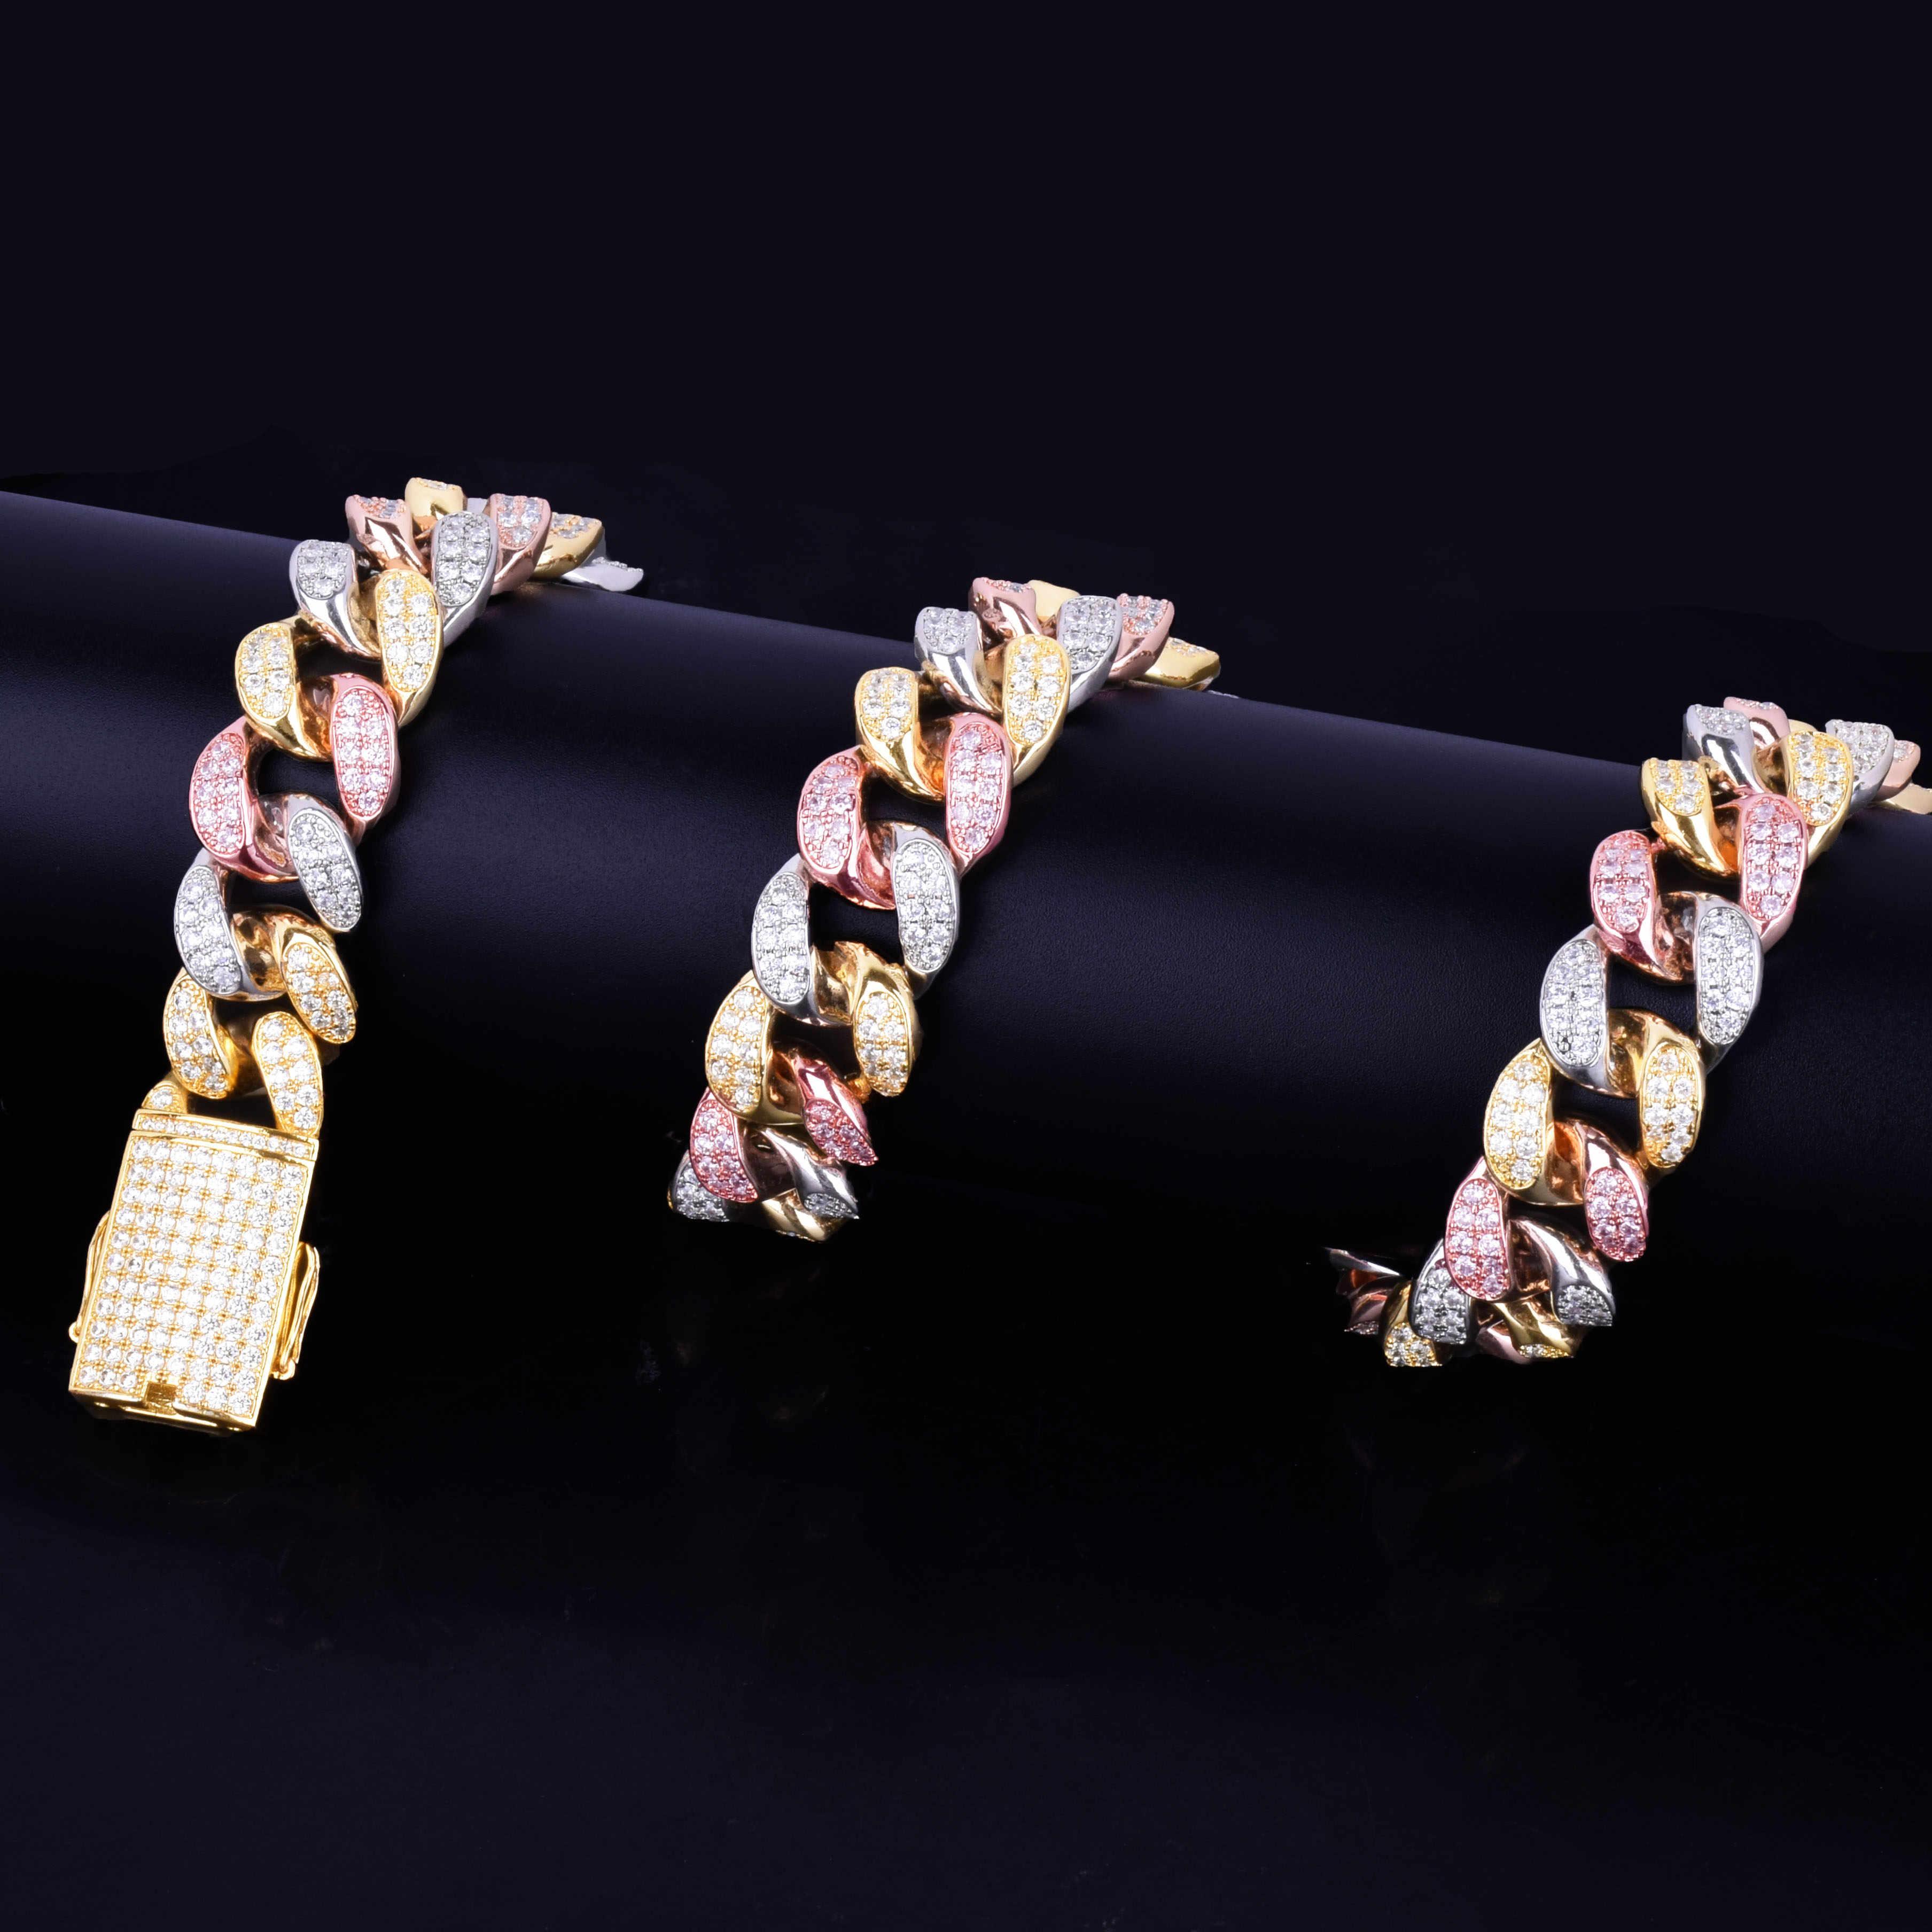 """20 มม. ทองเงิน Rose Zircon ที่มีสีสัน Miami Cuban สร้อยคอ Choker ผู้ชายเครื่องประดับ Hip hop Big CUBAN Chain 16 """"18"""" 20"""""""